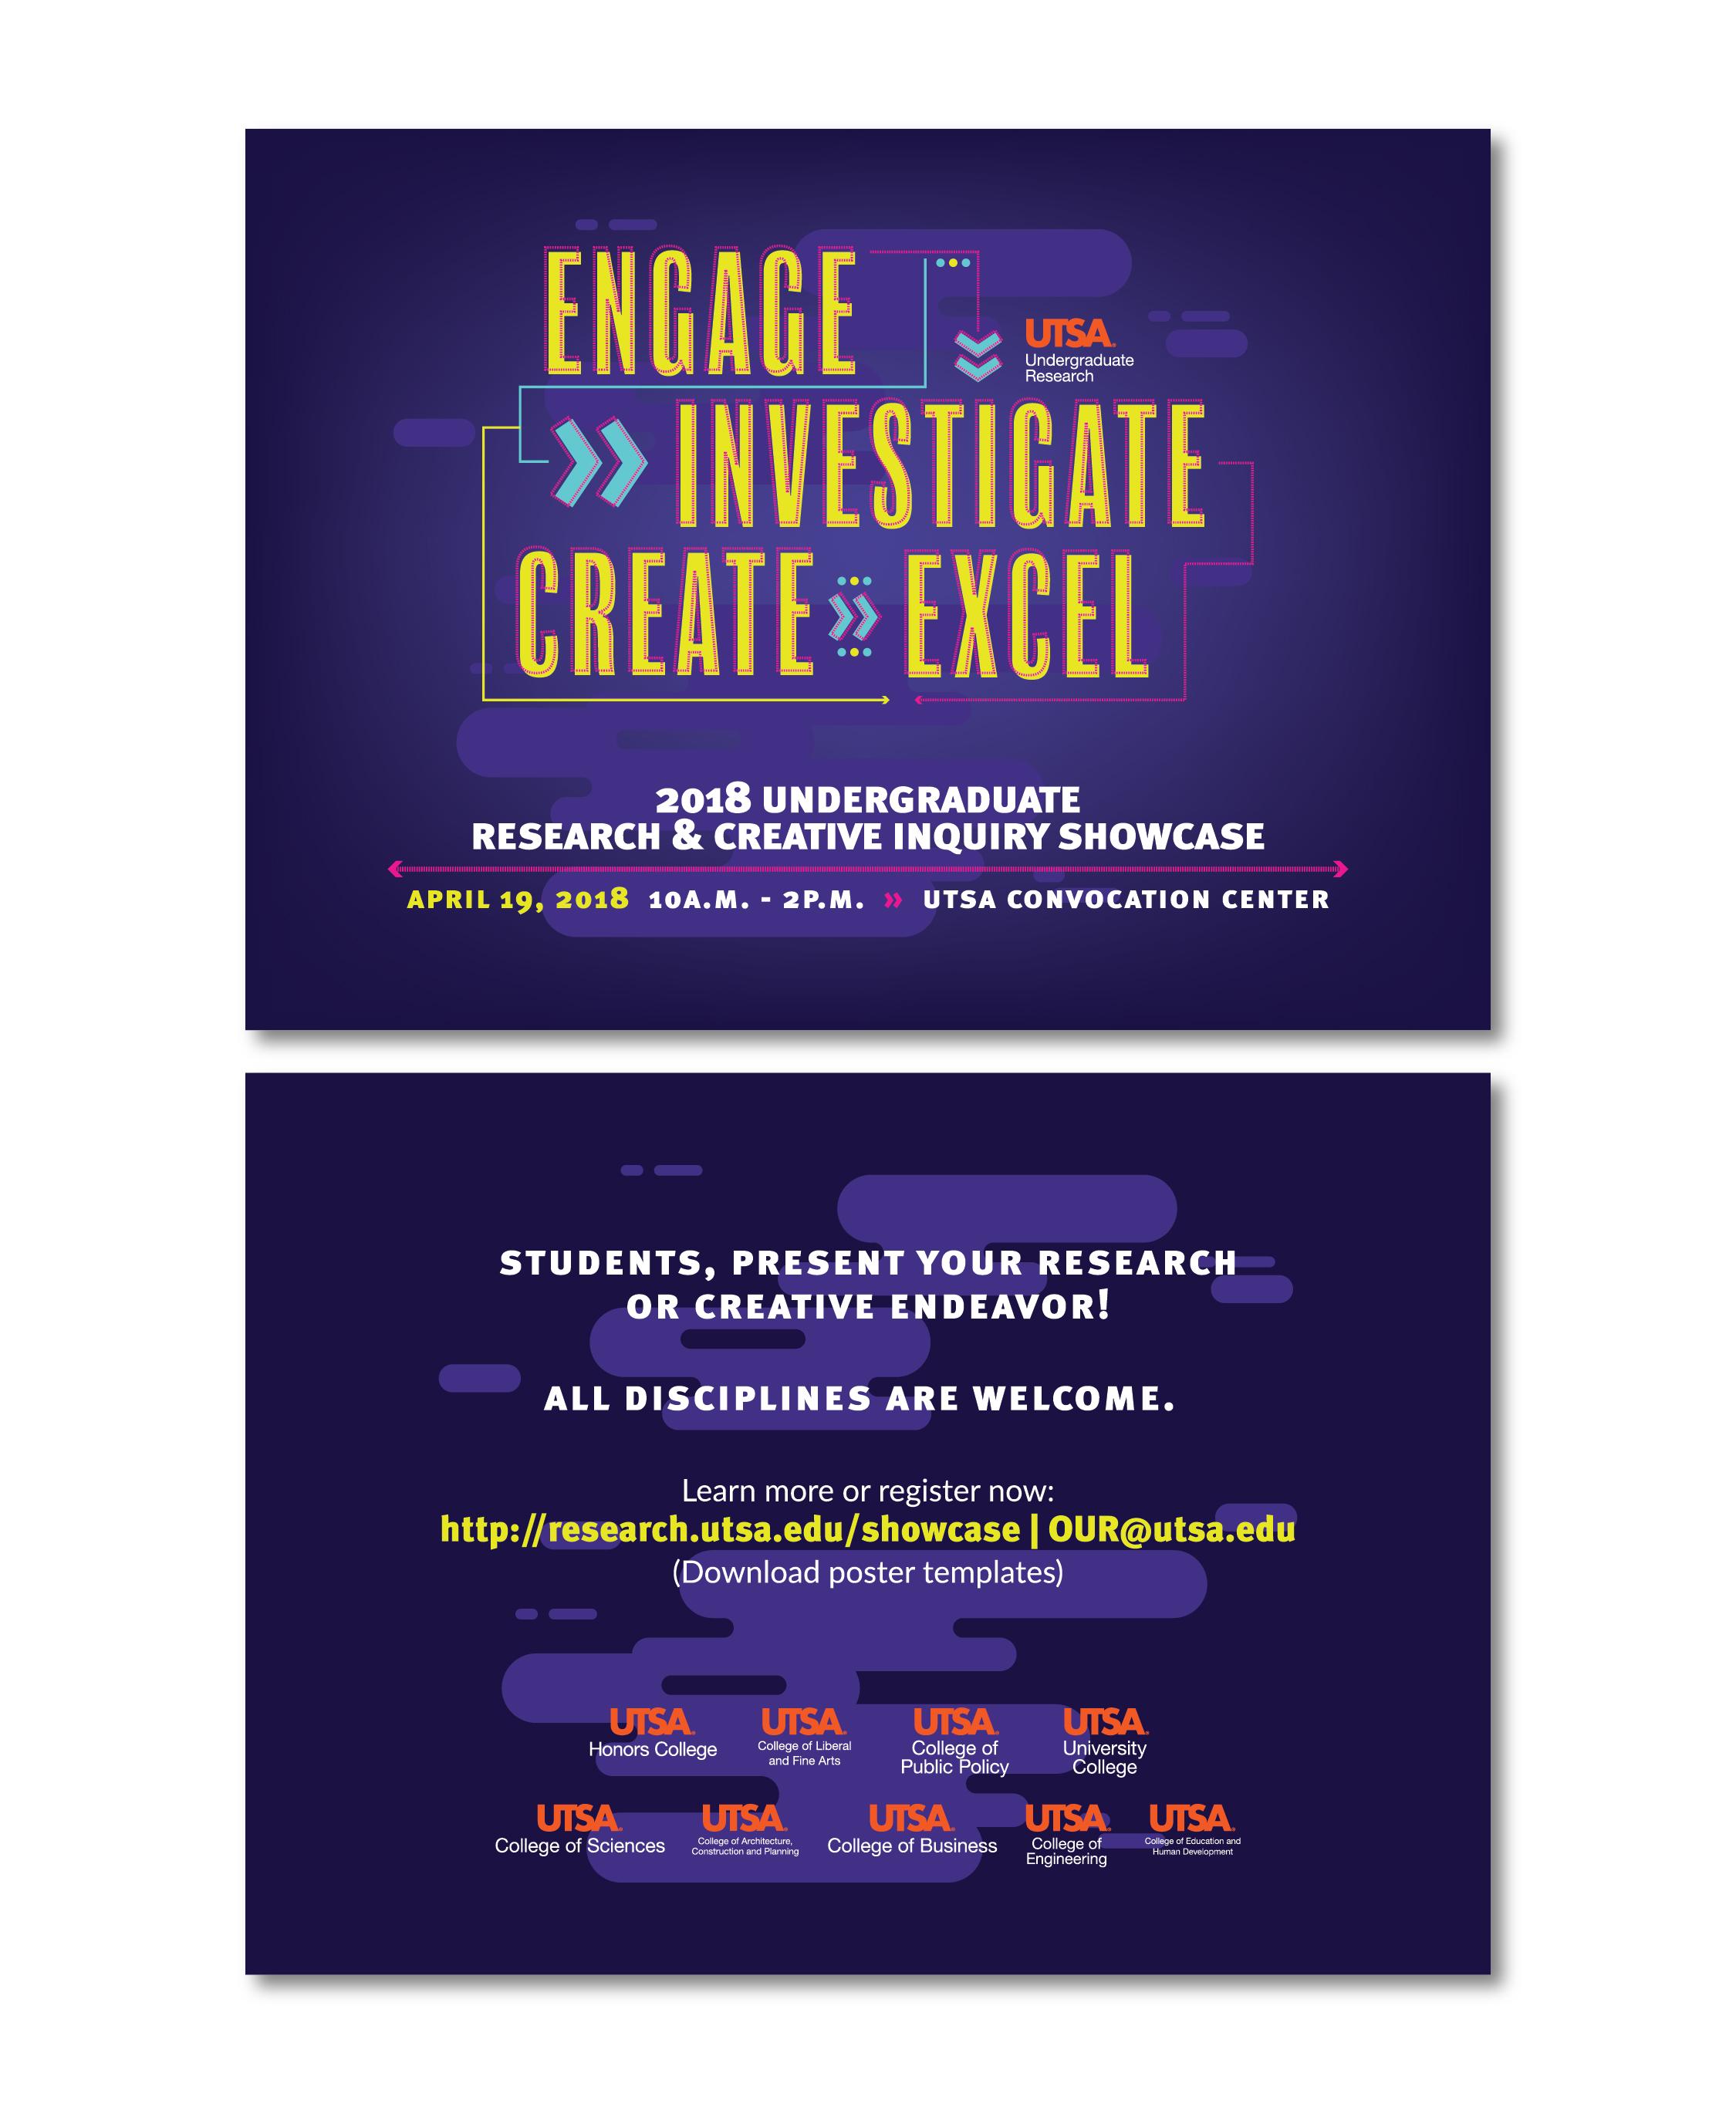 2018 Undergraduate Research & Creative Inquiry Showcase Postcard